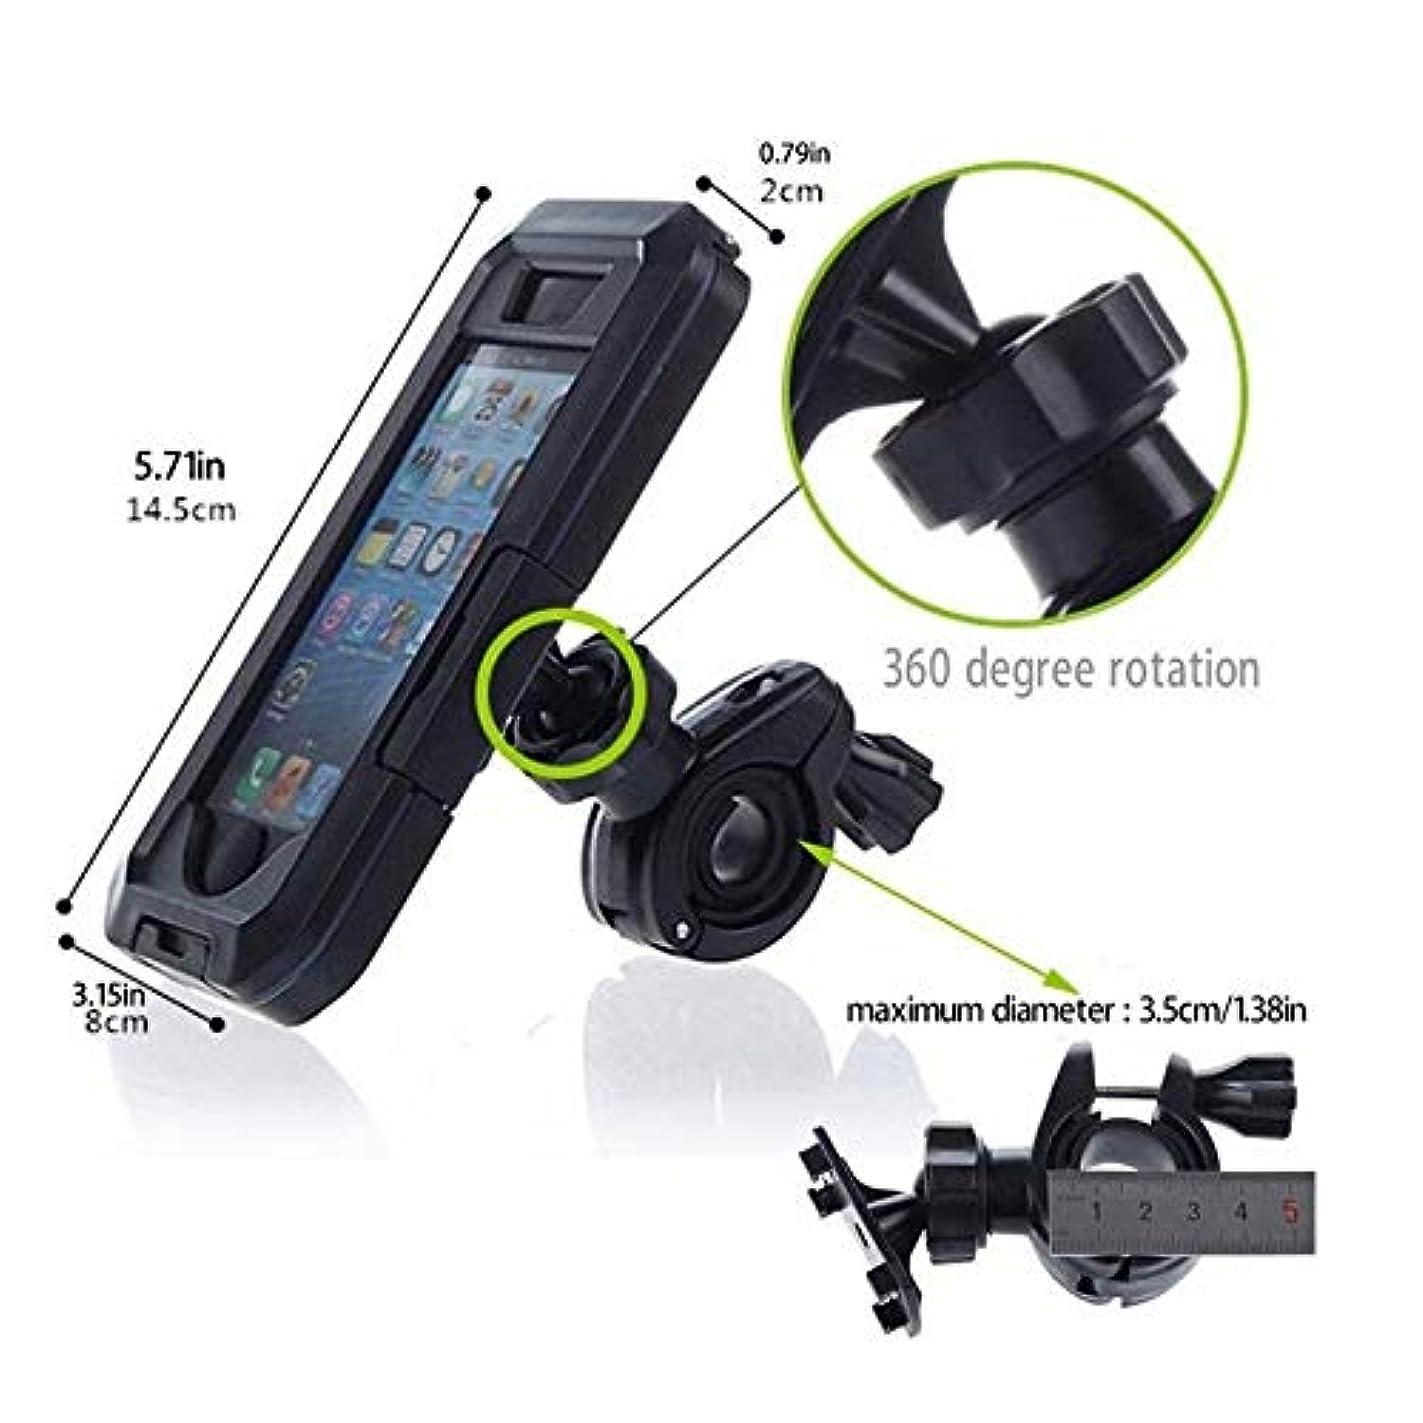 すばらしいです現れる宇宙船自転車アクセサリー オートバイ自転車携帯電話ホルダー携帯電話サポートバイクiphone 11プロマックスSE 2020 XS XRのためのiphone 11 Proの防水ケース用スタンド アクセサリーホルダー